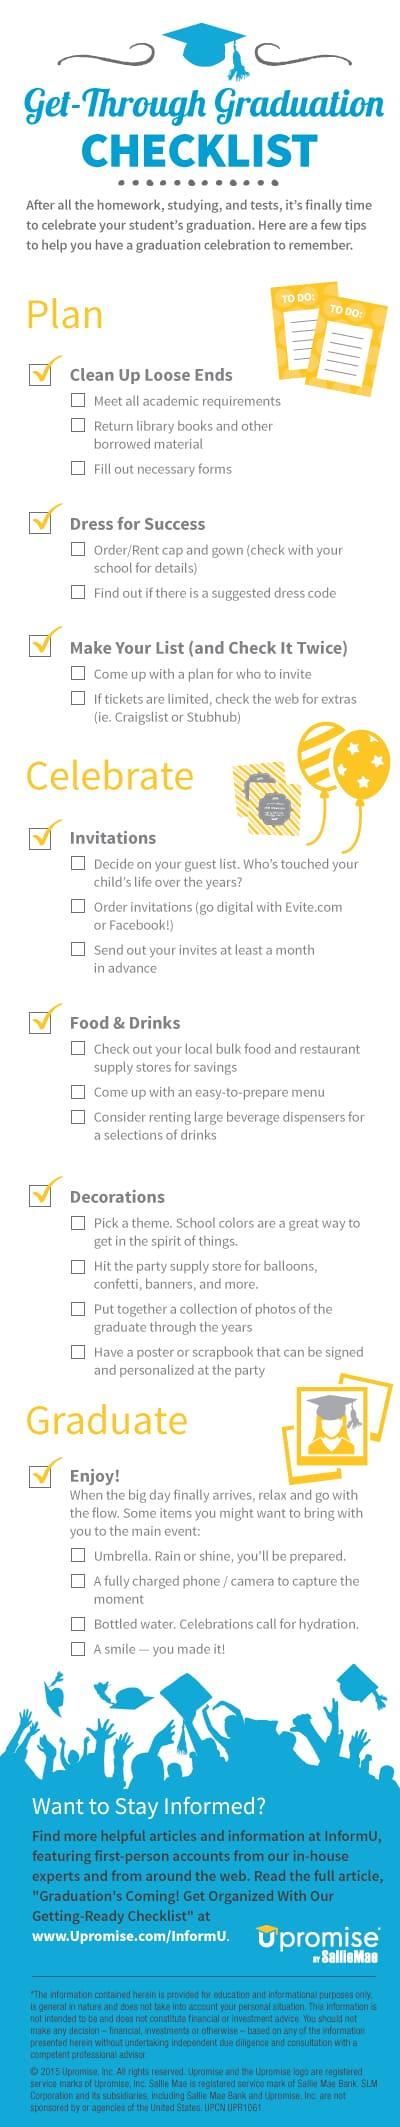 The Graduation Checklist | 5minutesformom.com